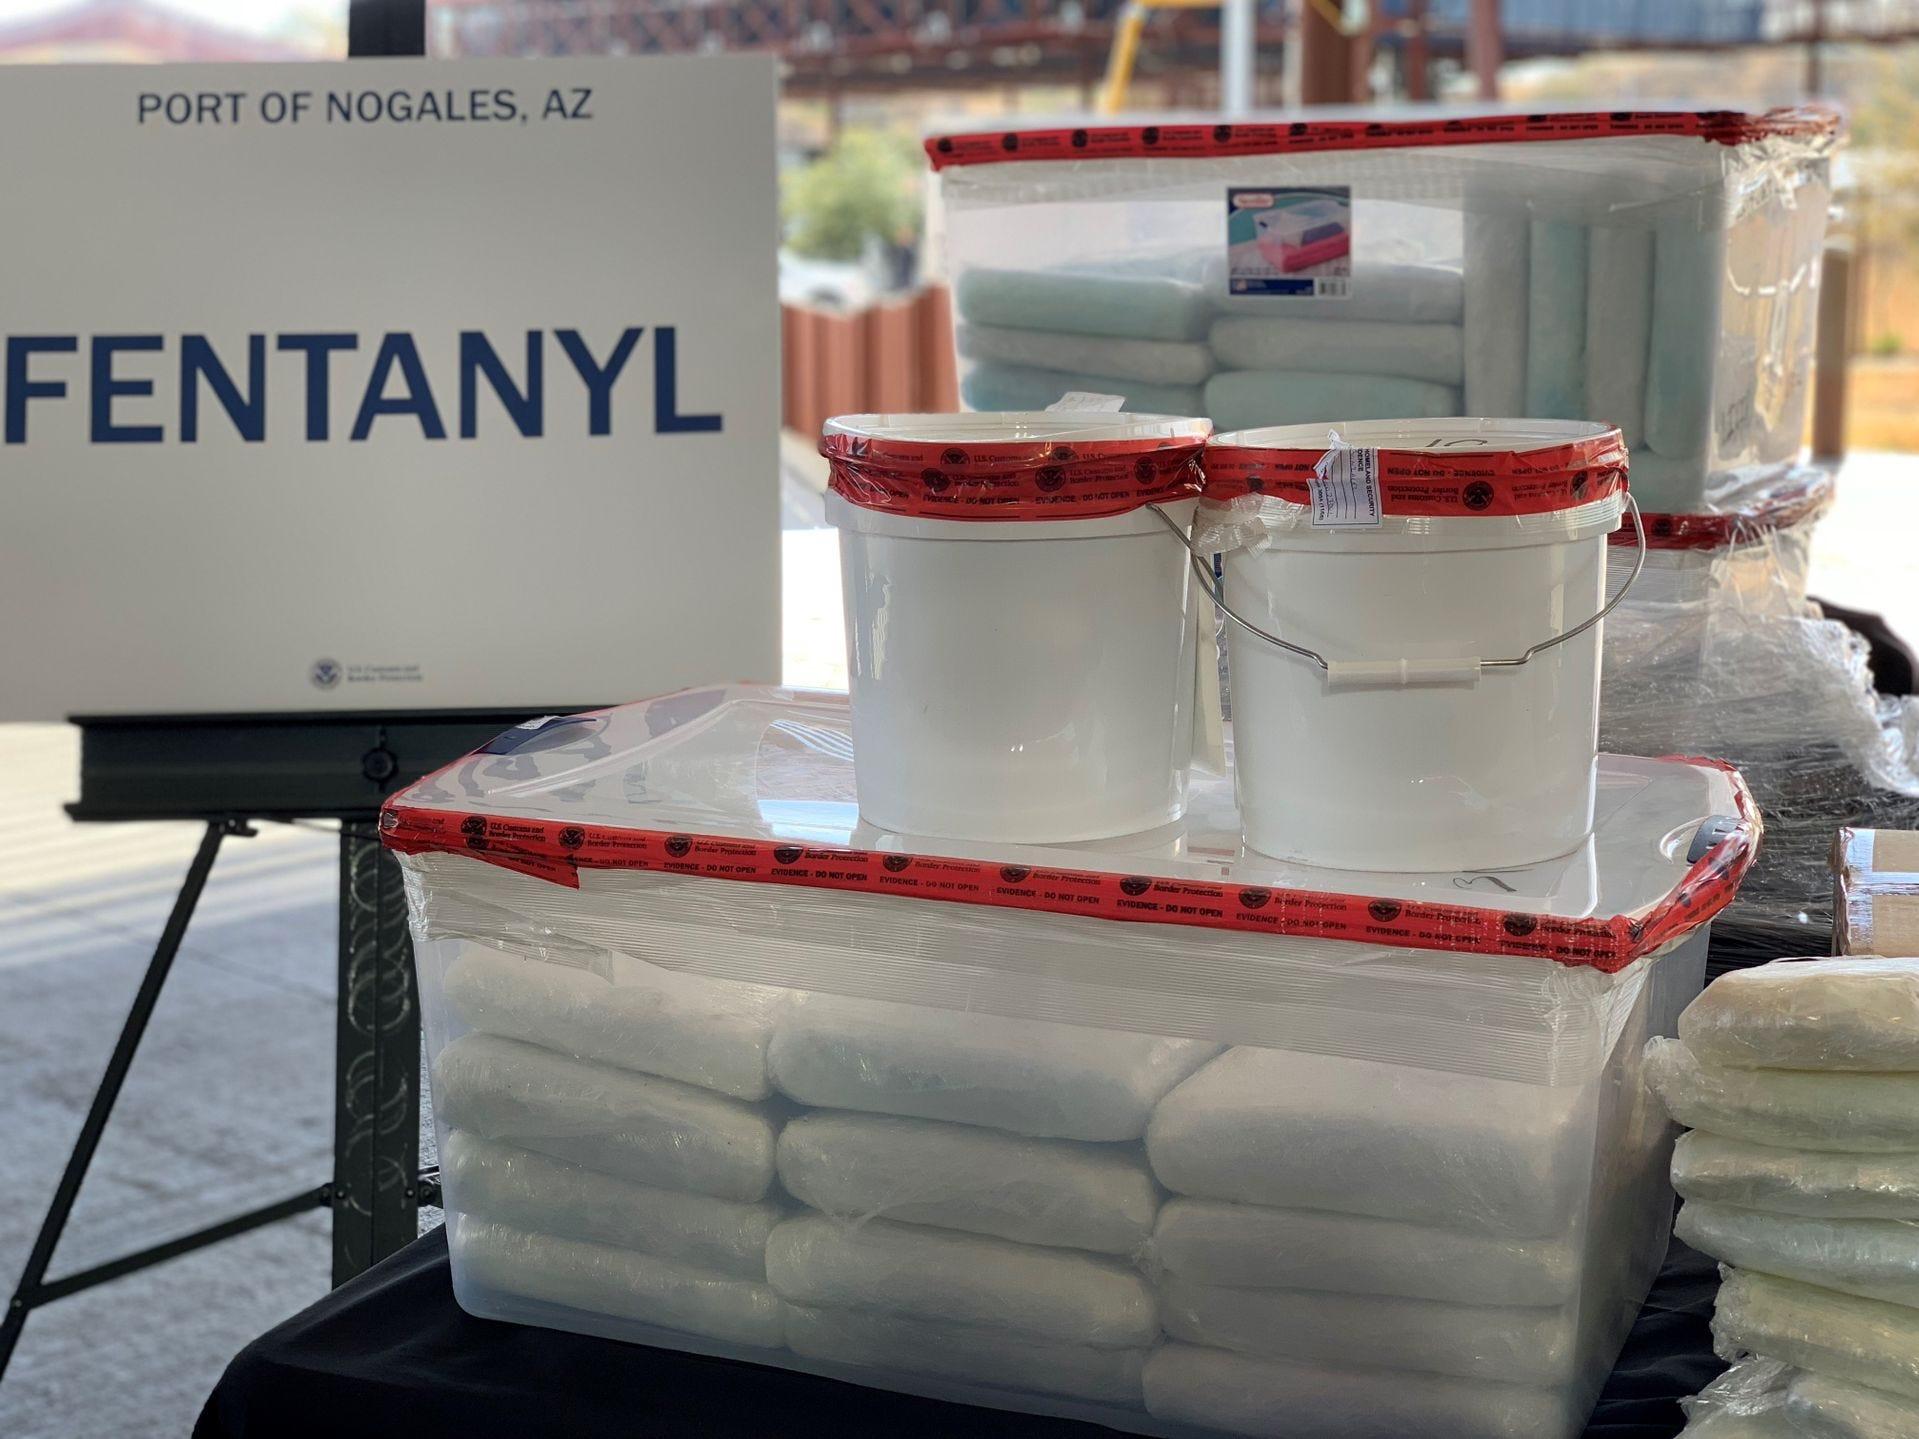 Los funcionarios dijeron que, dada la potencia de los medicamentos encontrados en el puerto de entrada de Nogales, Arizona, los oficiales que trabajaban ese día tomaron precauciones adicionales para manejarlos y evitar la exposición a ellos, incluso usar equipo de protección y asegurar los medicamentos en múltiples contenedores.